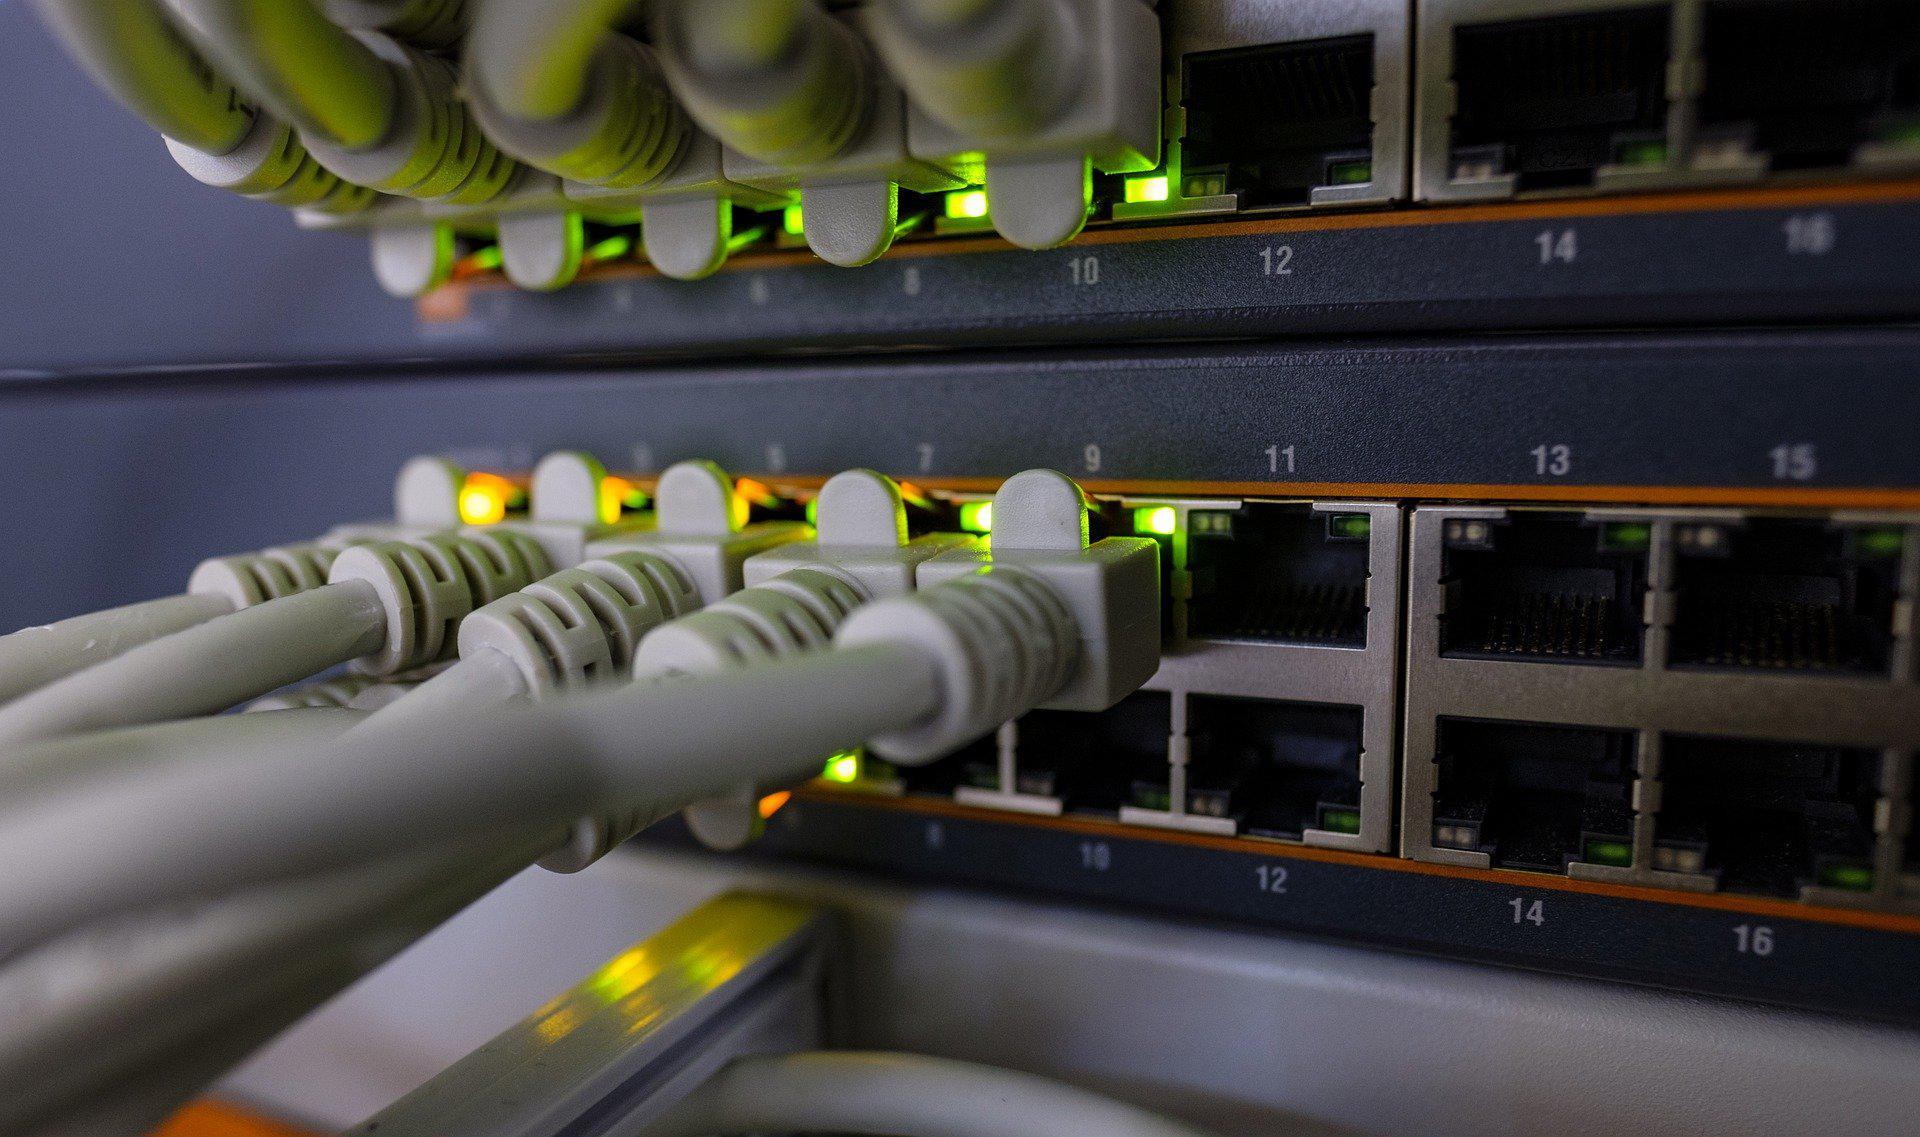 netzwerktechnikEE791D66-E507-528E-2AD5-C3B68CB39ADA.jpg